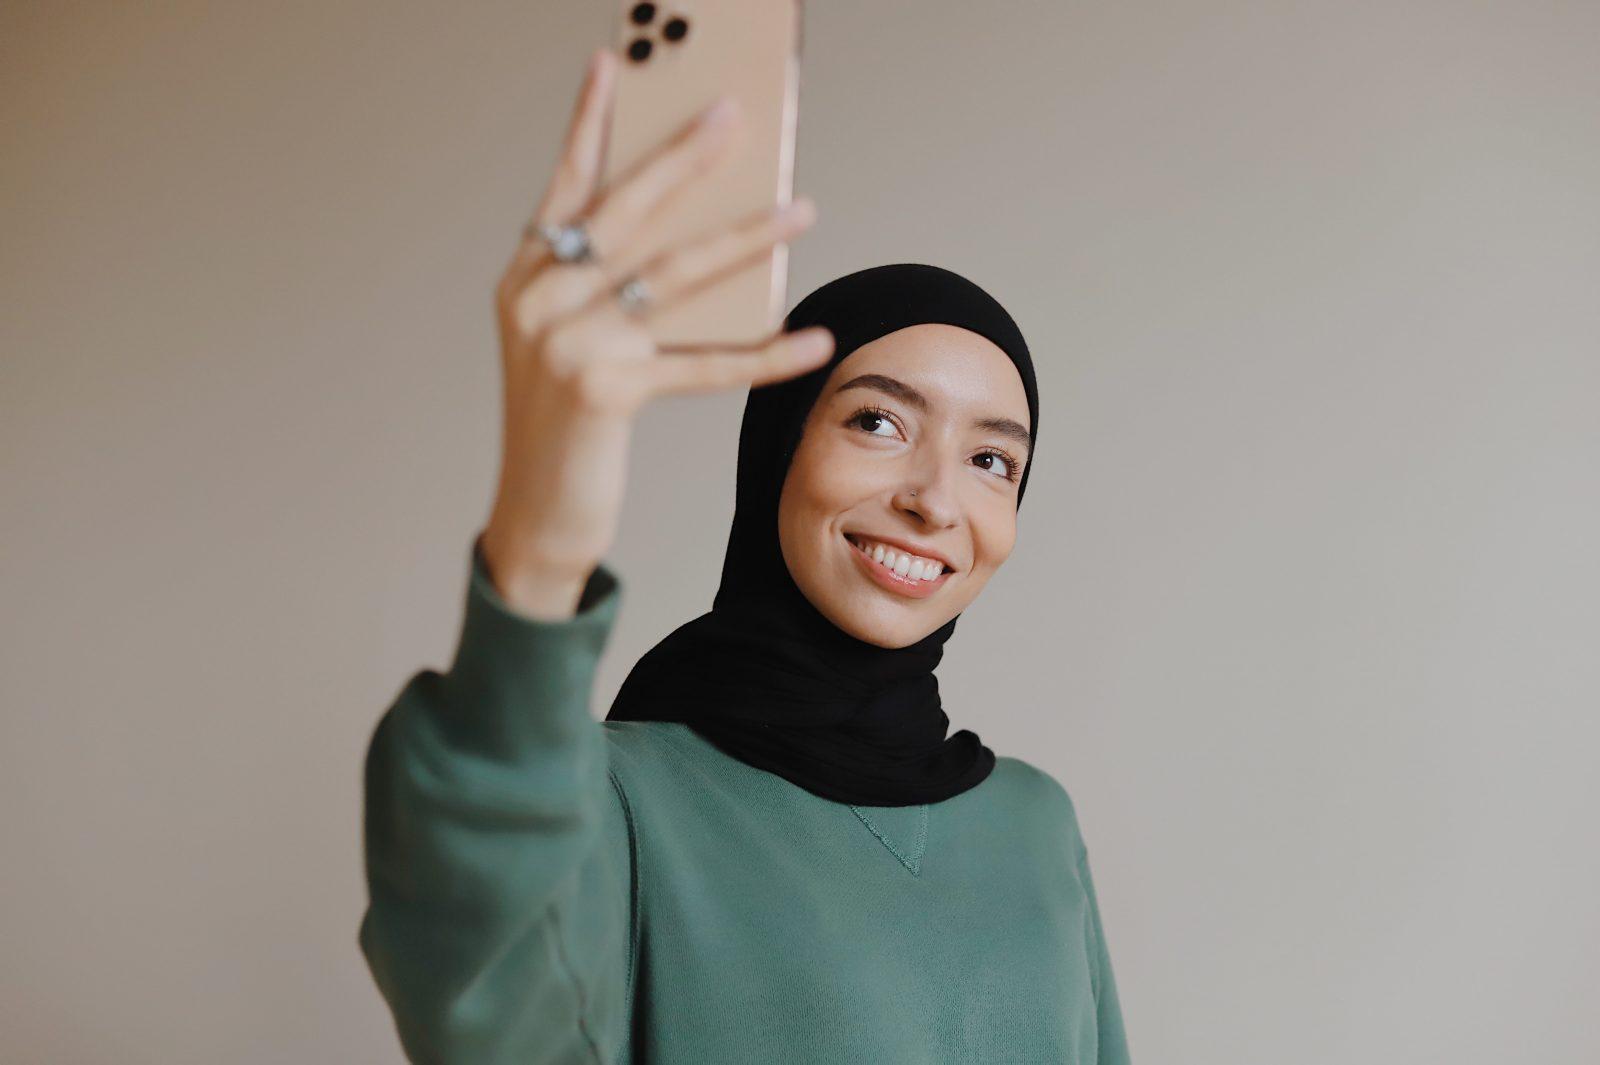 Nainen ottaa itsestään kuvaa hymyillen